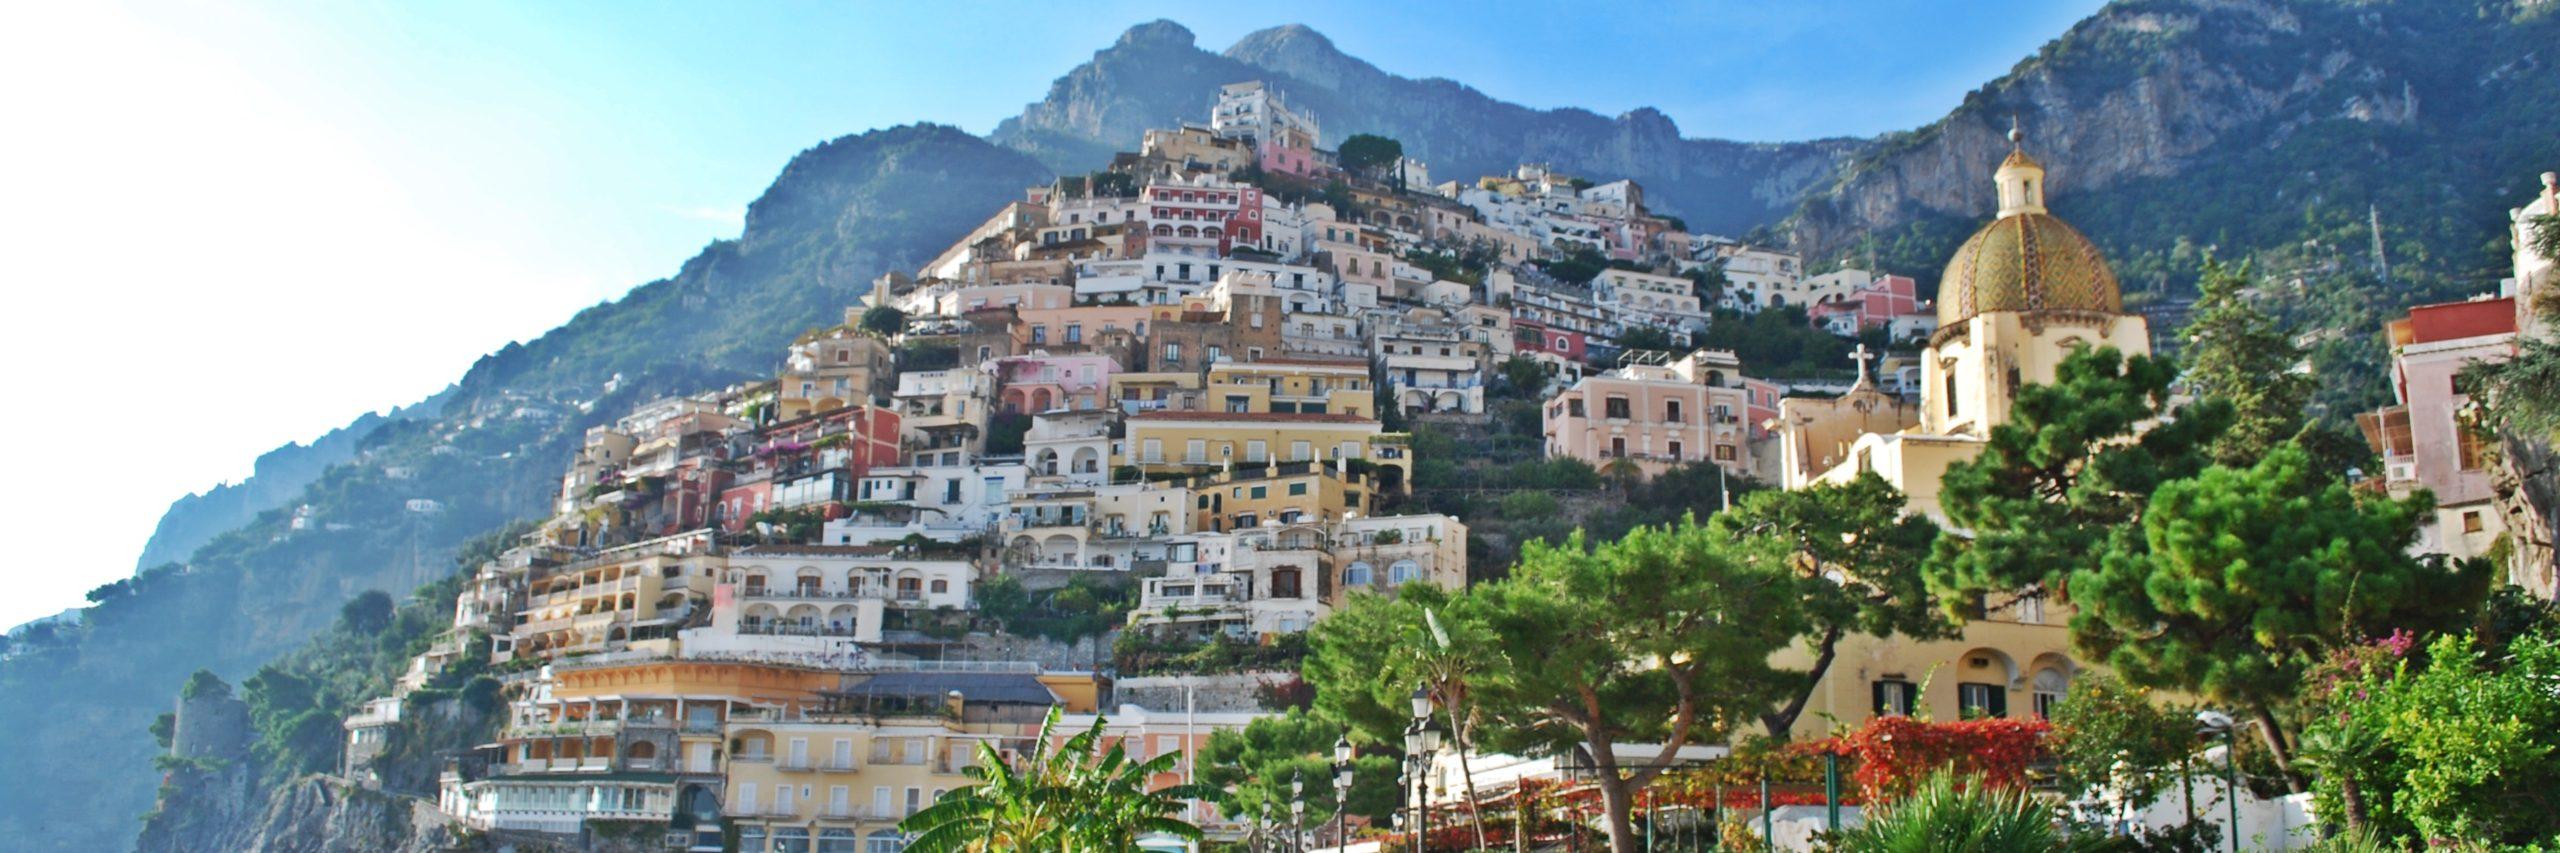 Falling In Love With Positano On Italy S Beautiful Amalfi